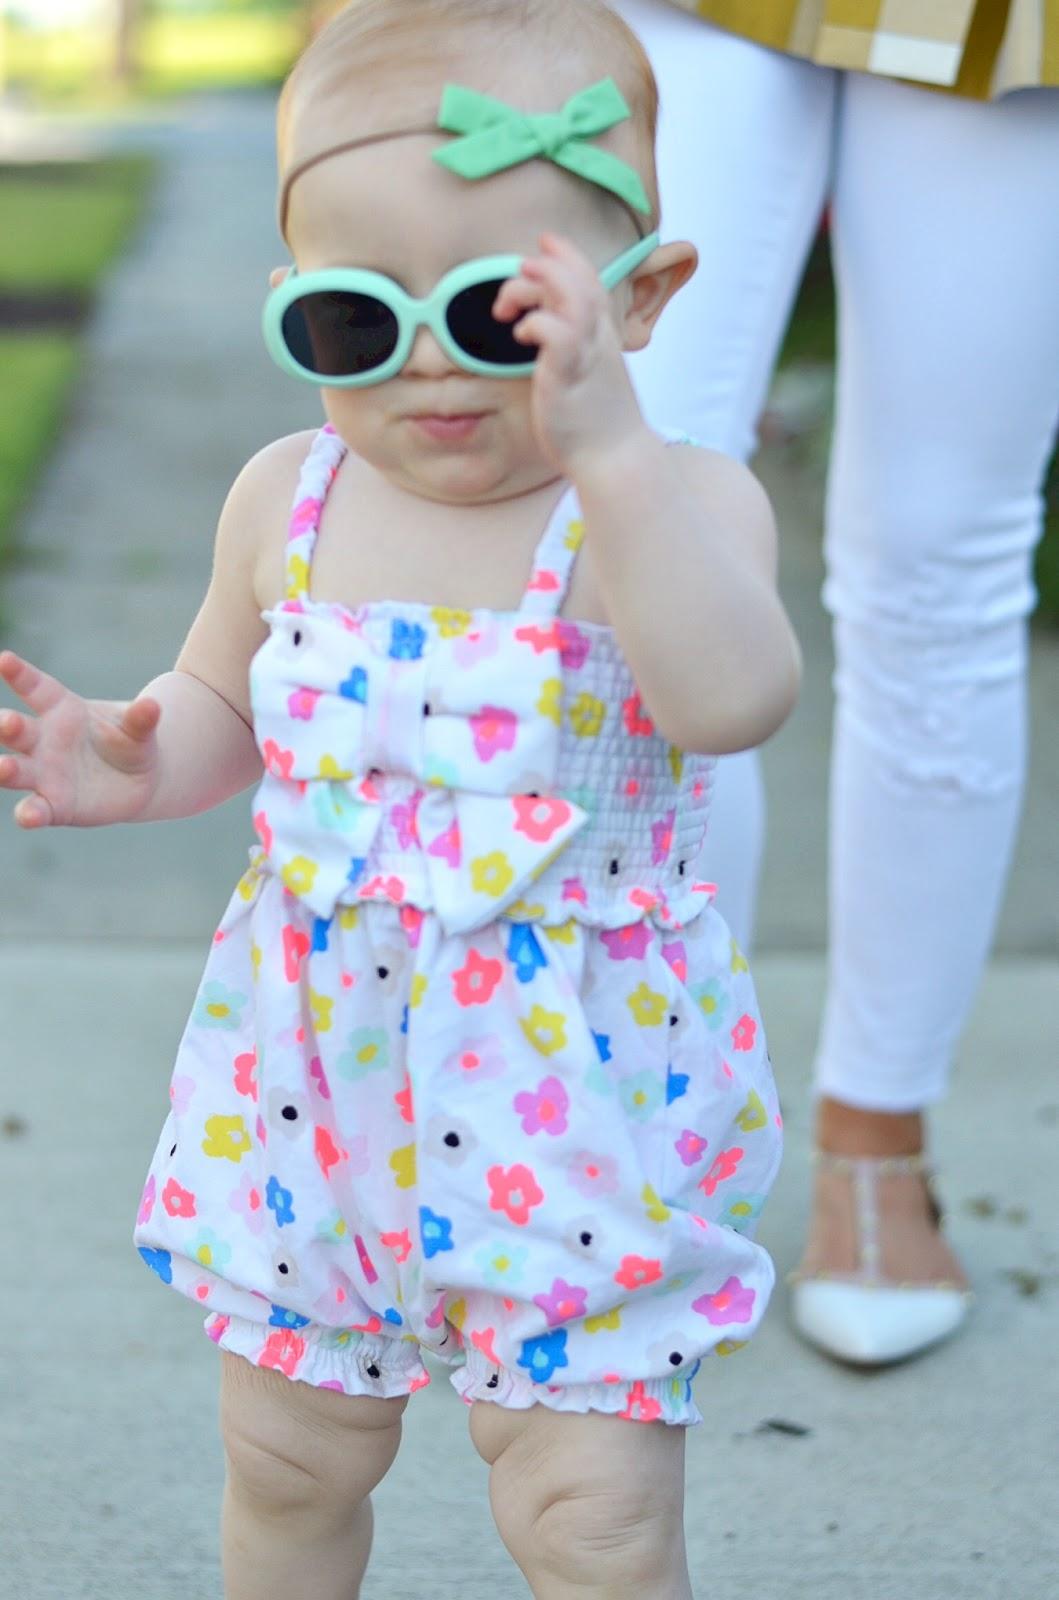 Baby Kate Spade